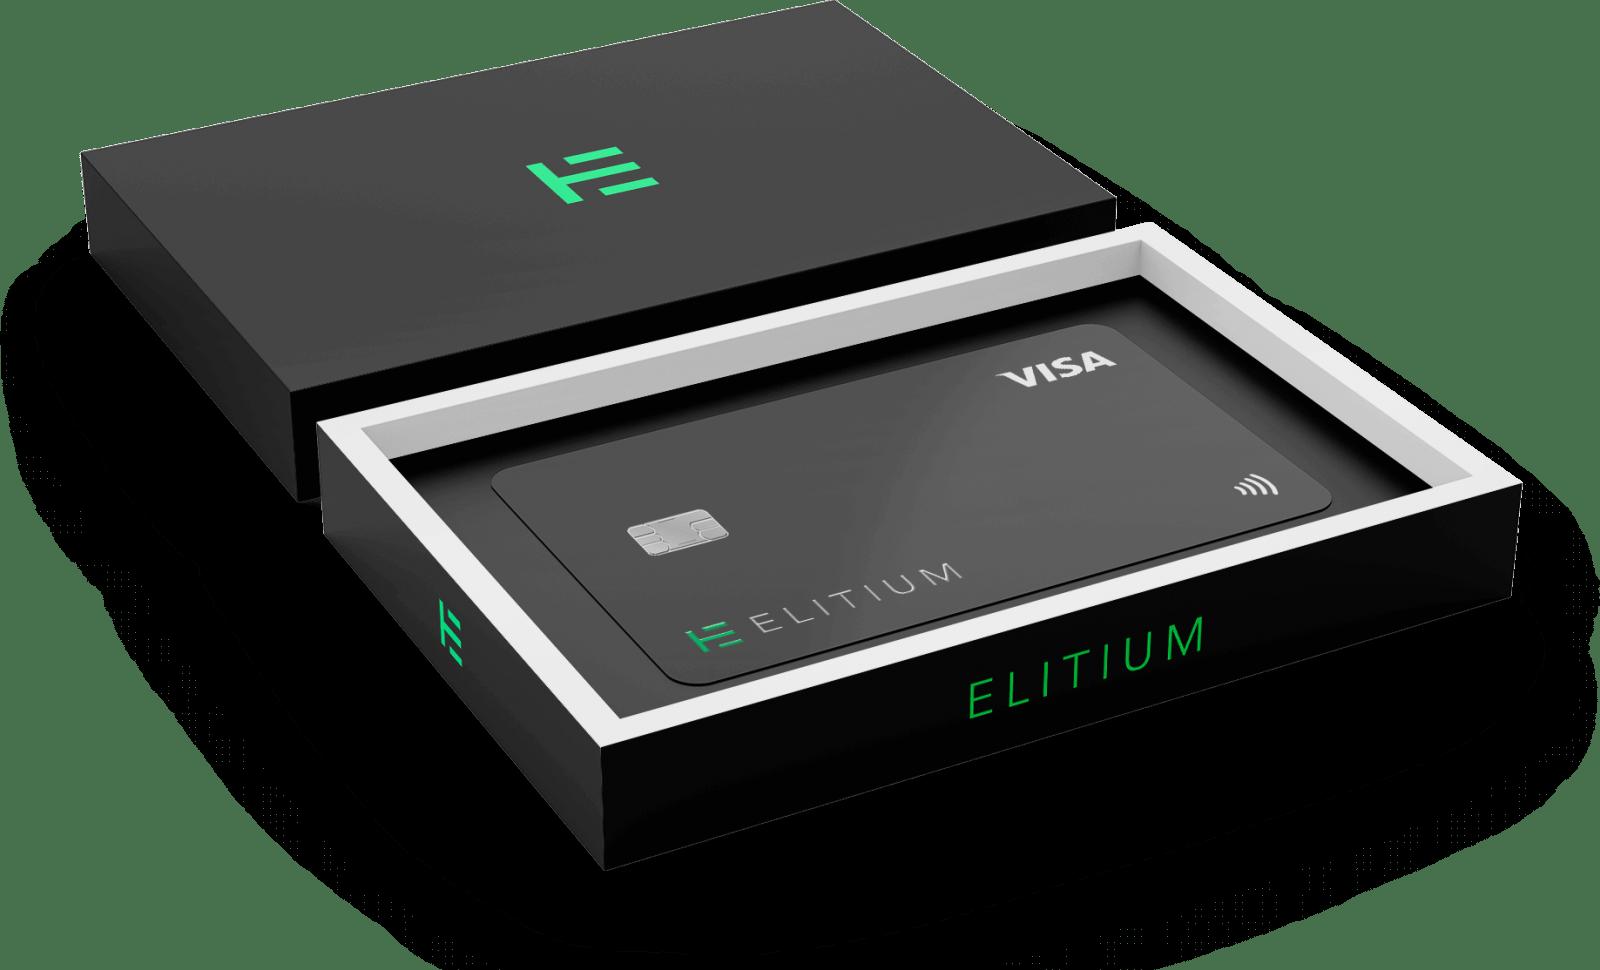 Elitium Card